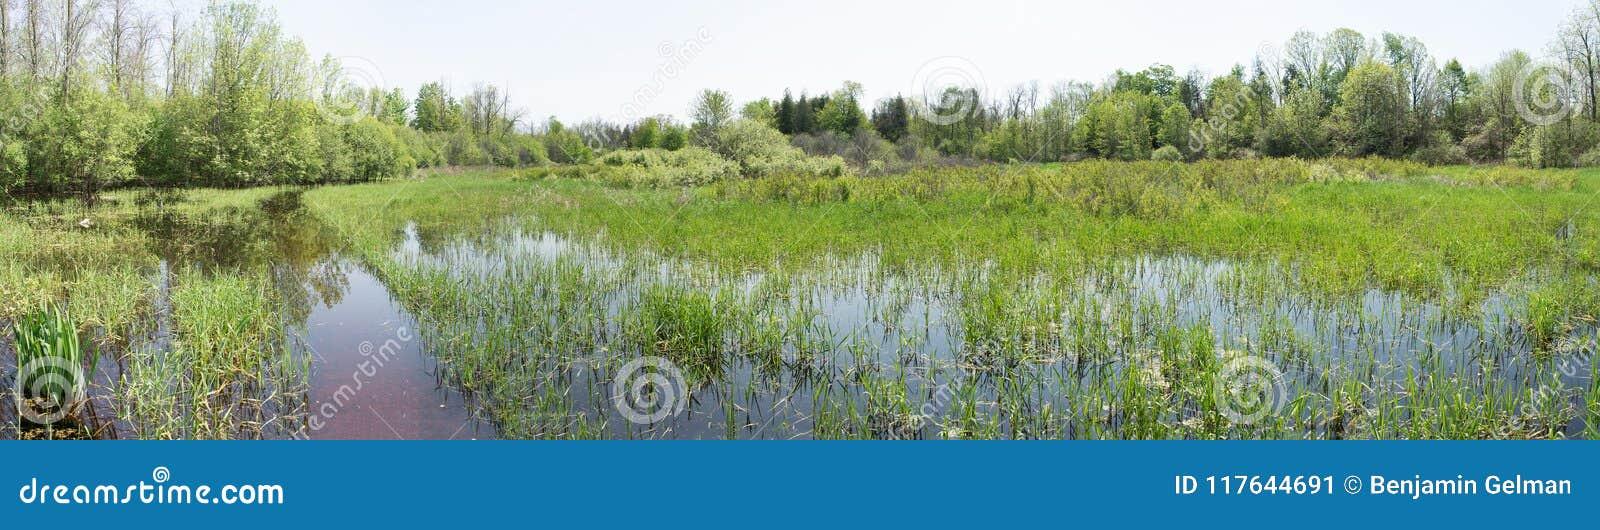 Wiosny powodzi łąki